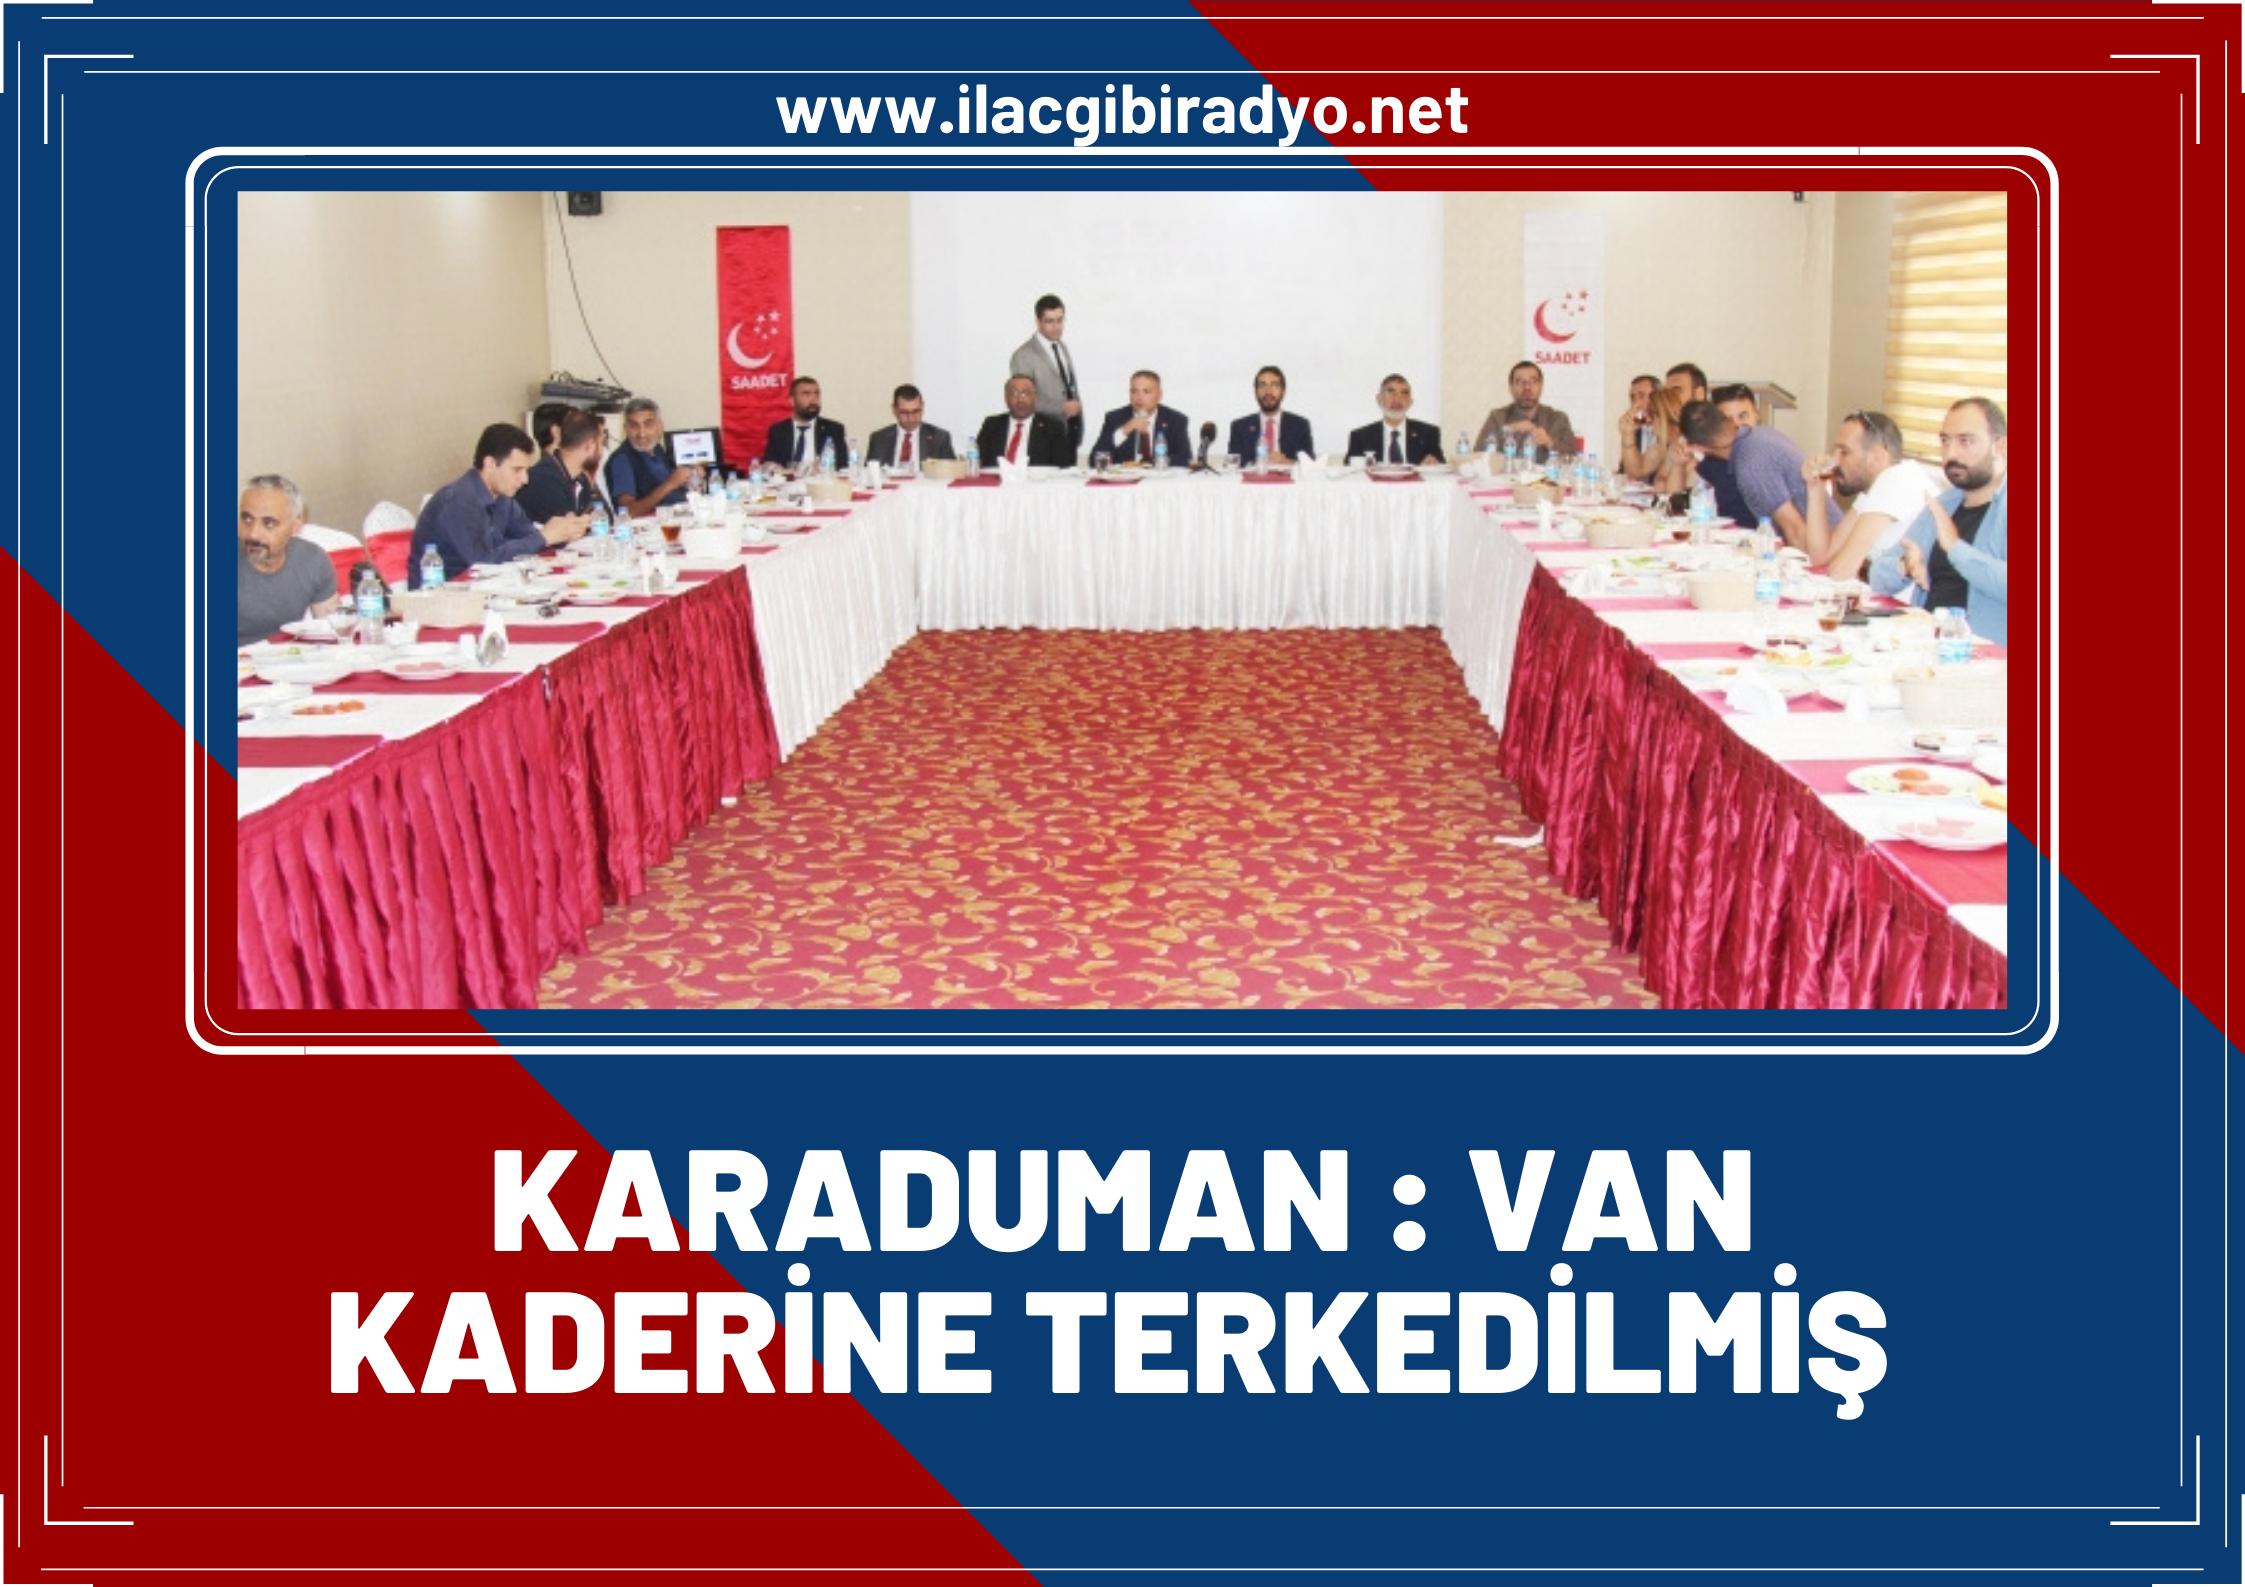 SP milletvekili Karaduman: Van kaderine terkedilmiş!